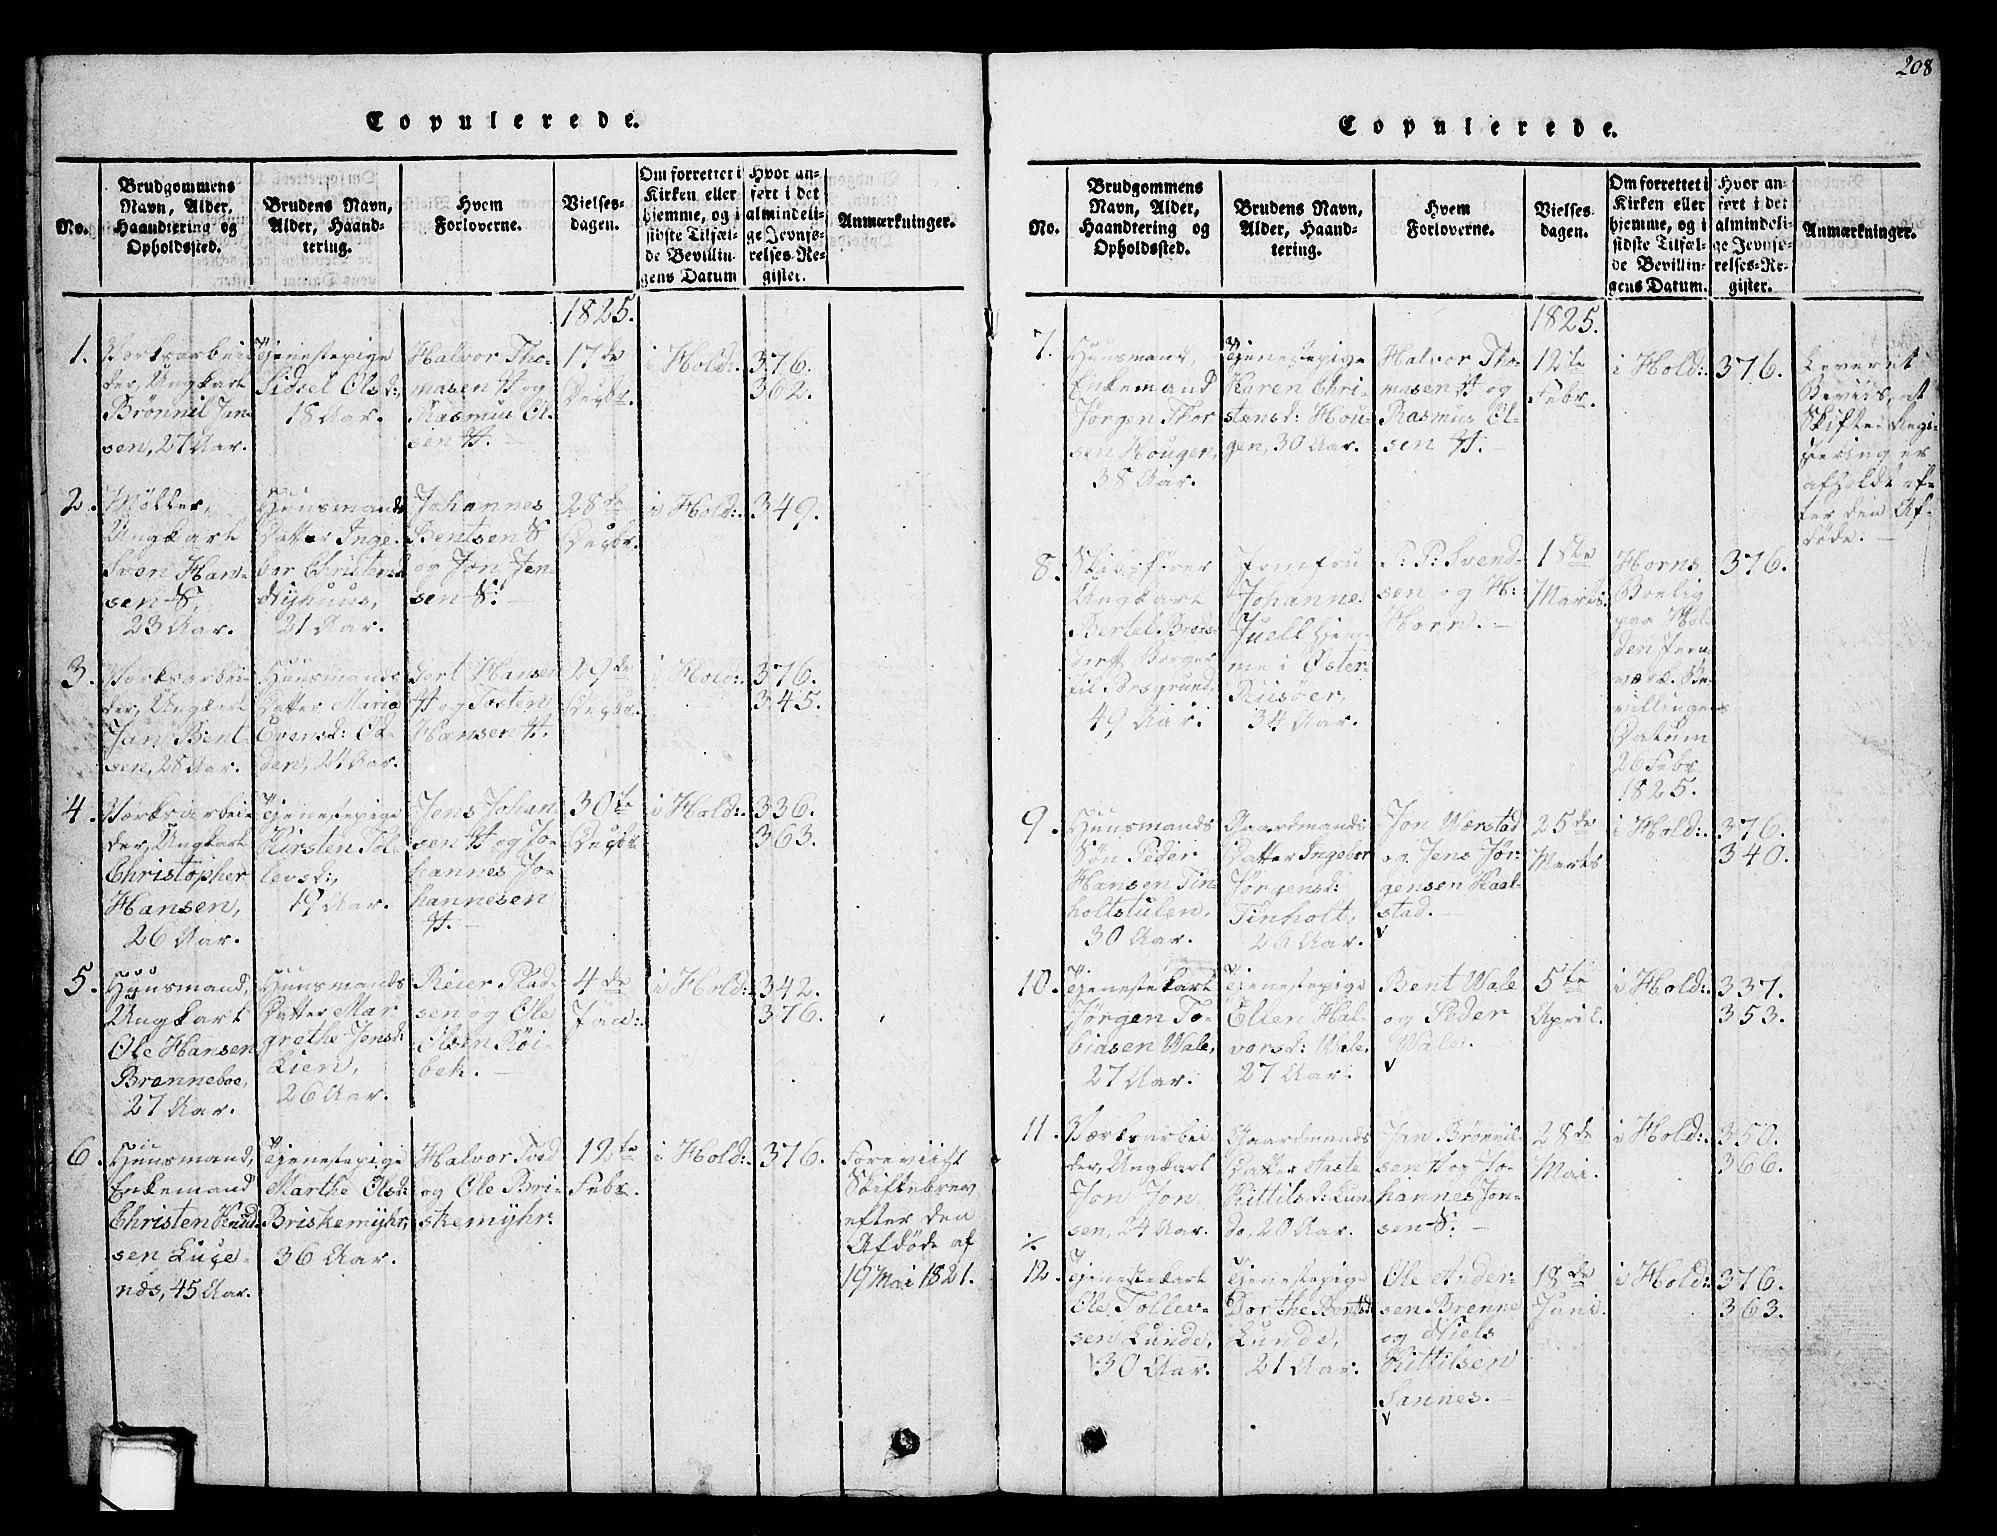 SAKO, Holla kirkebøker, G/Ga/L0001: Klokkerbok nr. I 1, 1814-1830, s. 208